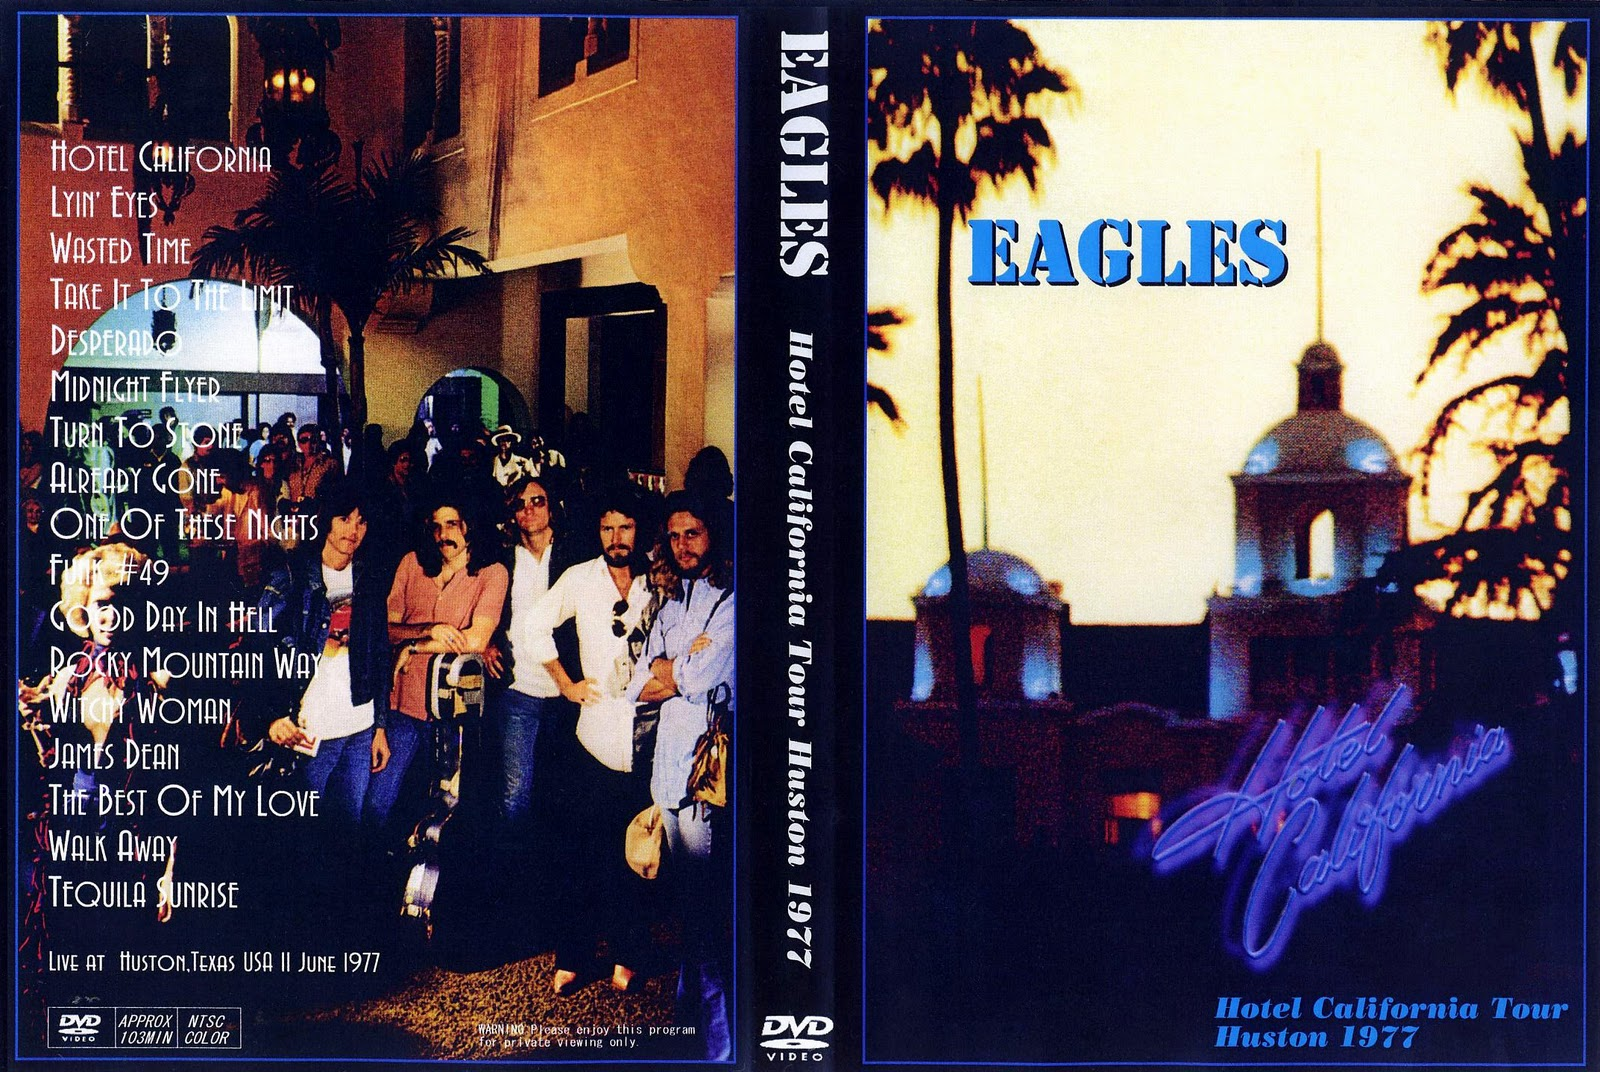 Eagles отель калифорния mp3 скачать бесплатно